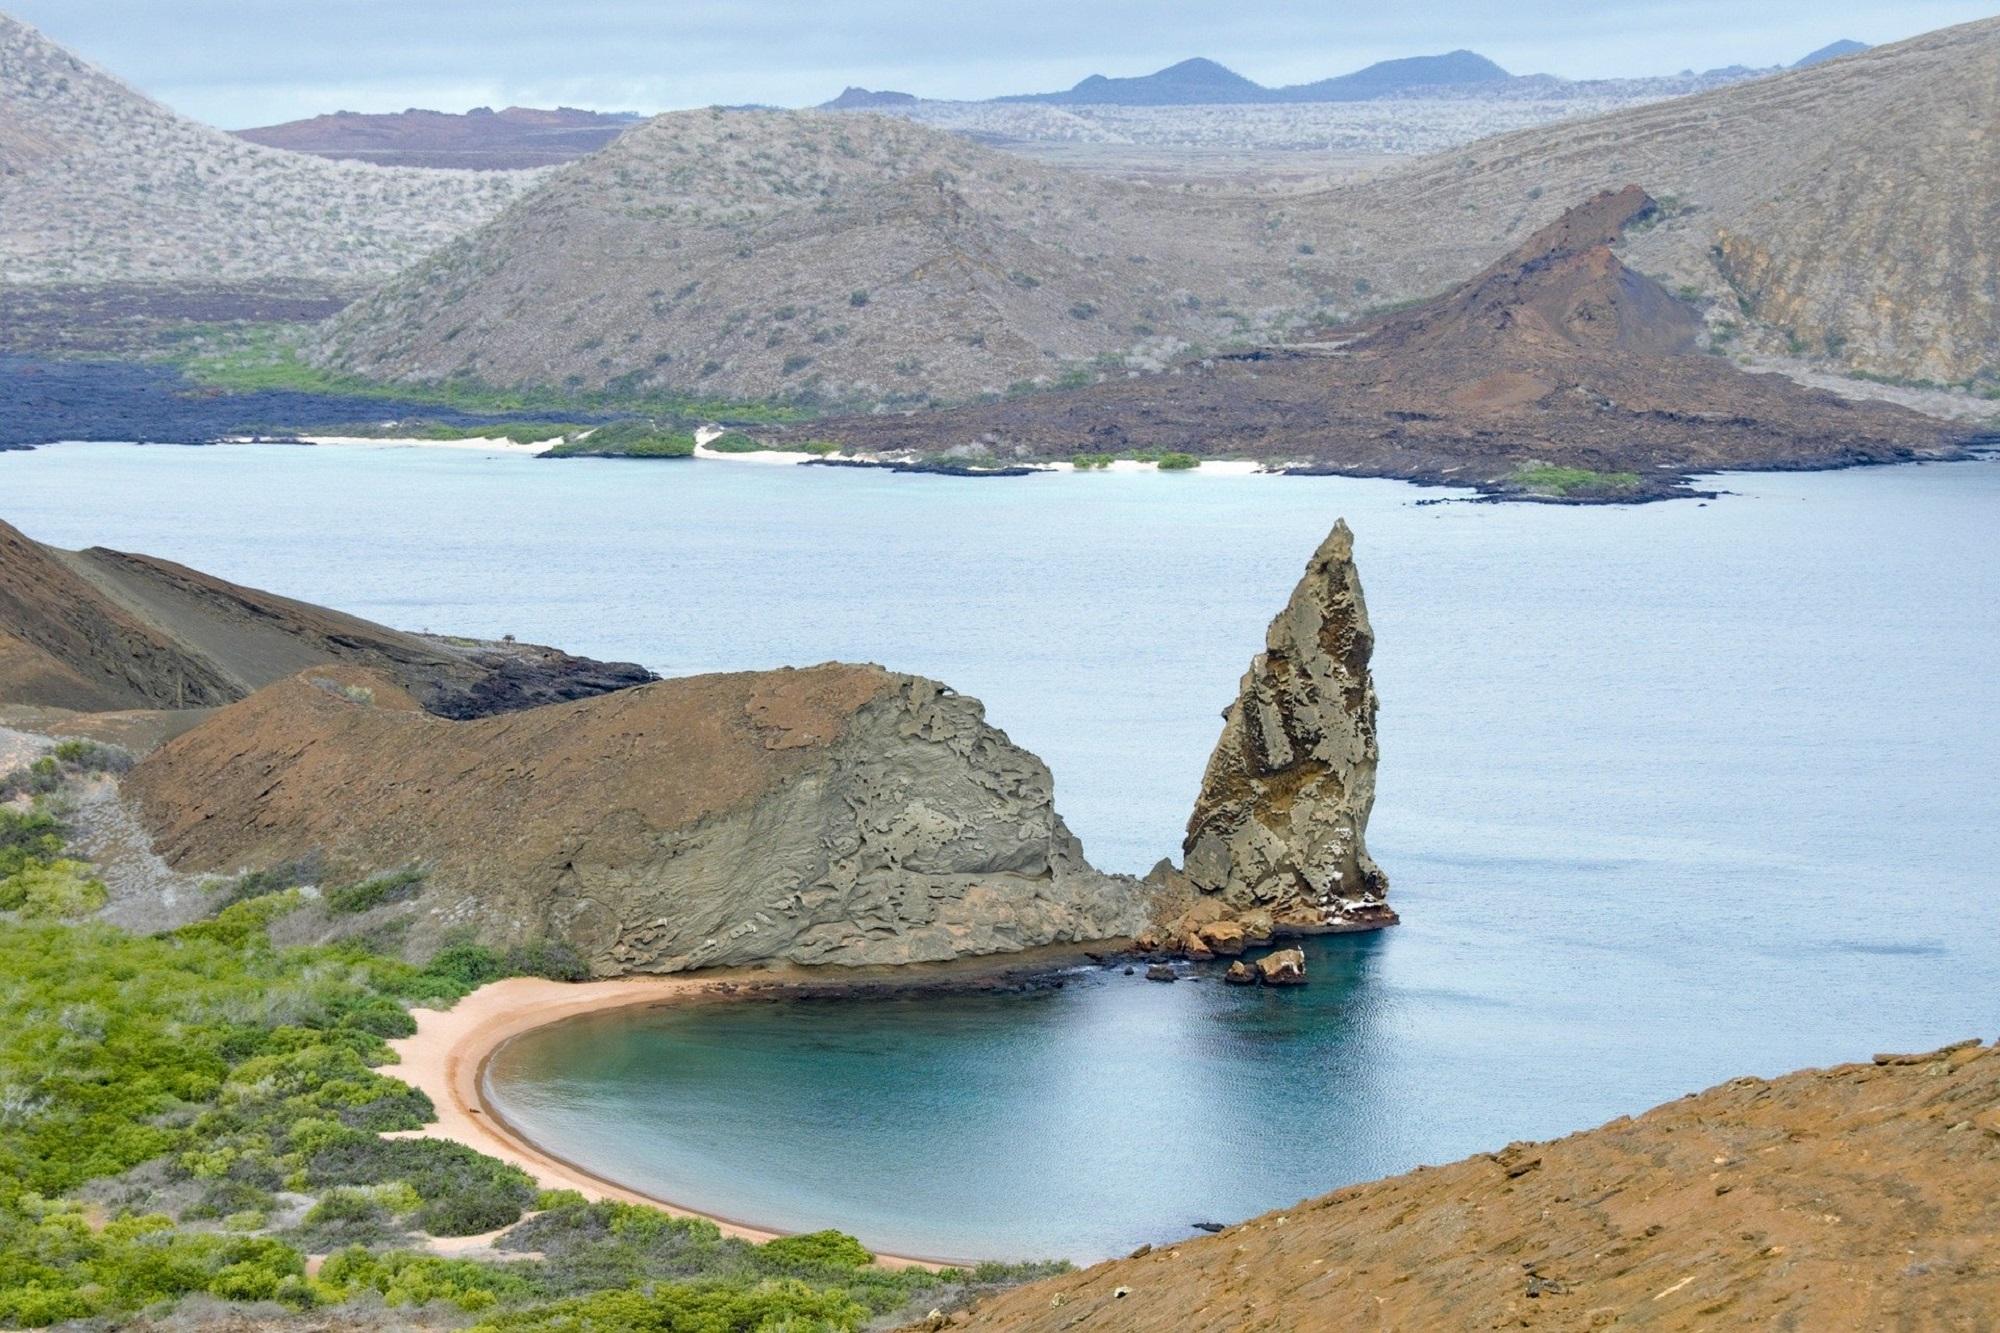 galapagos-islands-2419239_1920 (2)